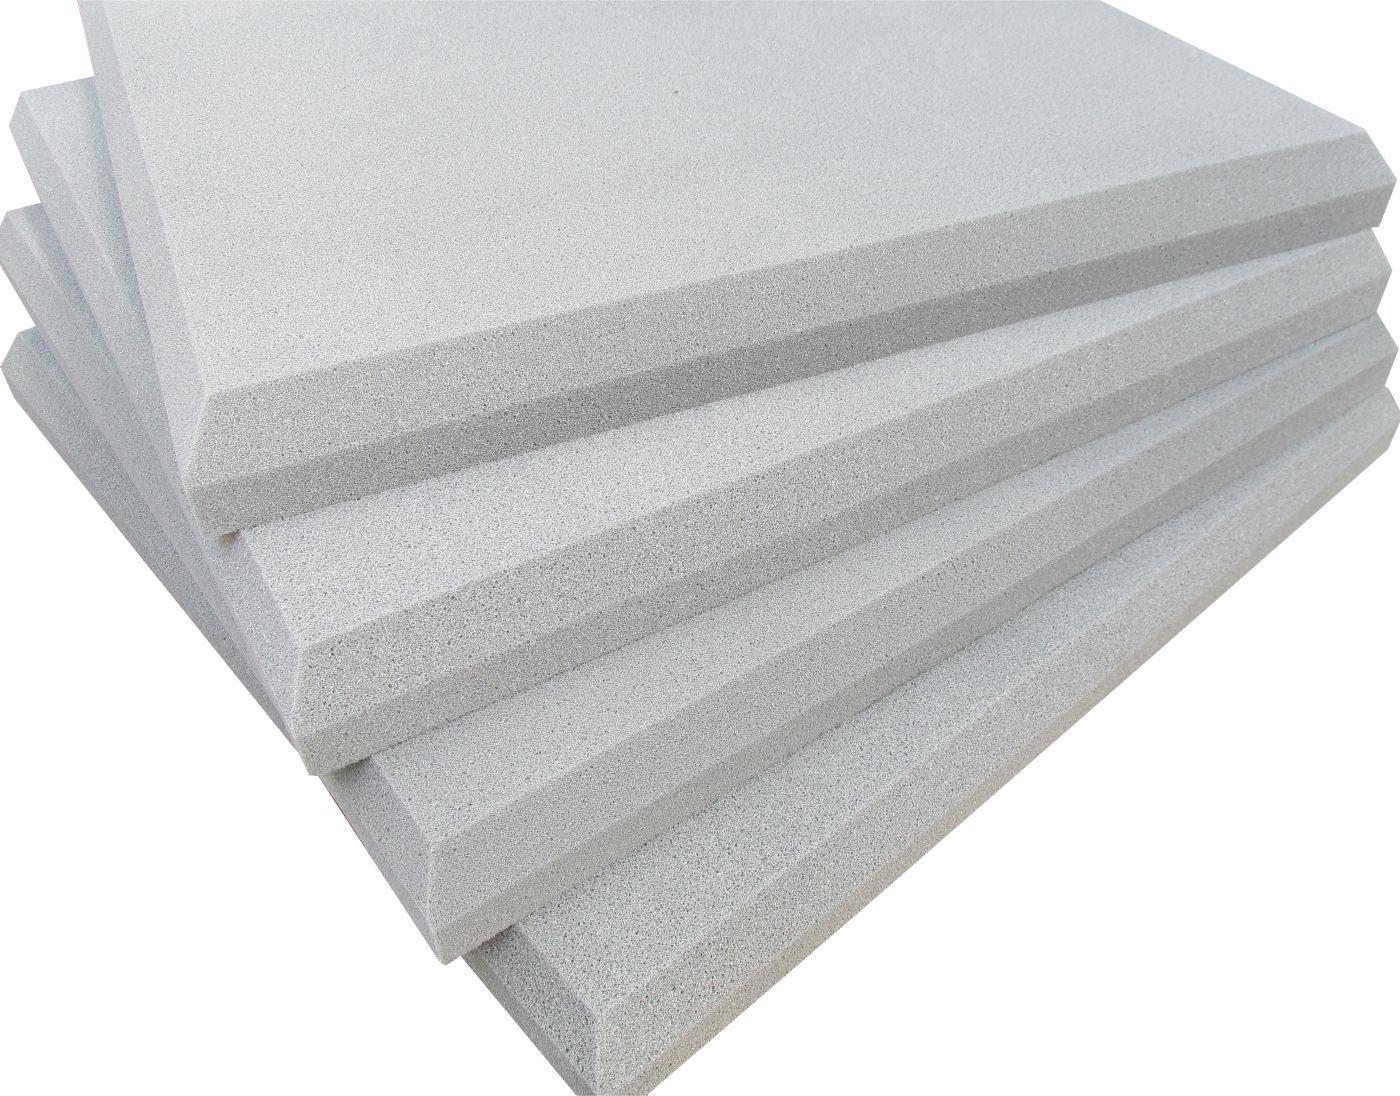 Espuma acústica Linha REV - P - Branco Gelo- Kit 4 peças (1m²) 30mm  - Loja SPL Acústica